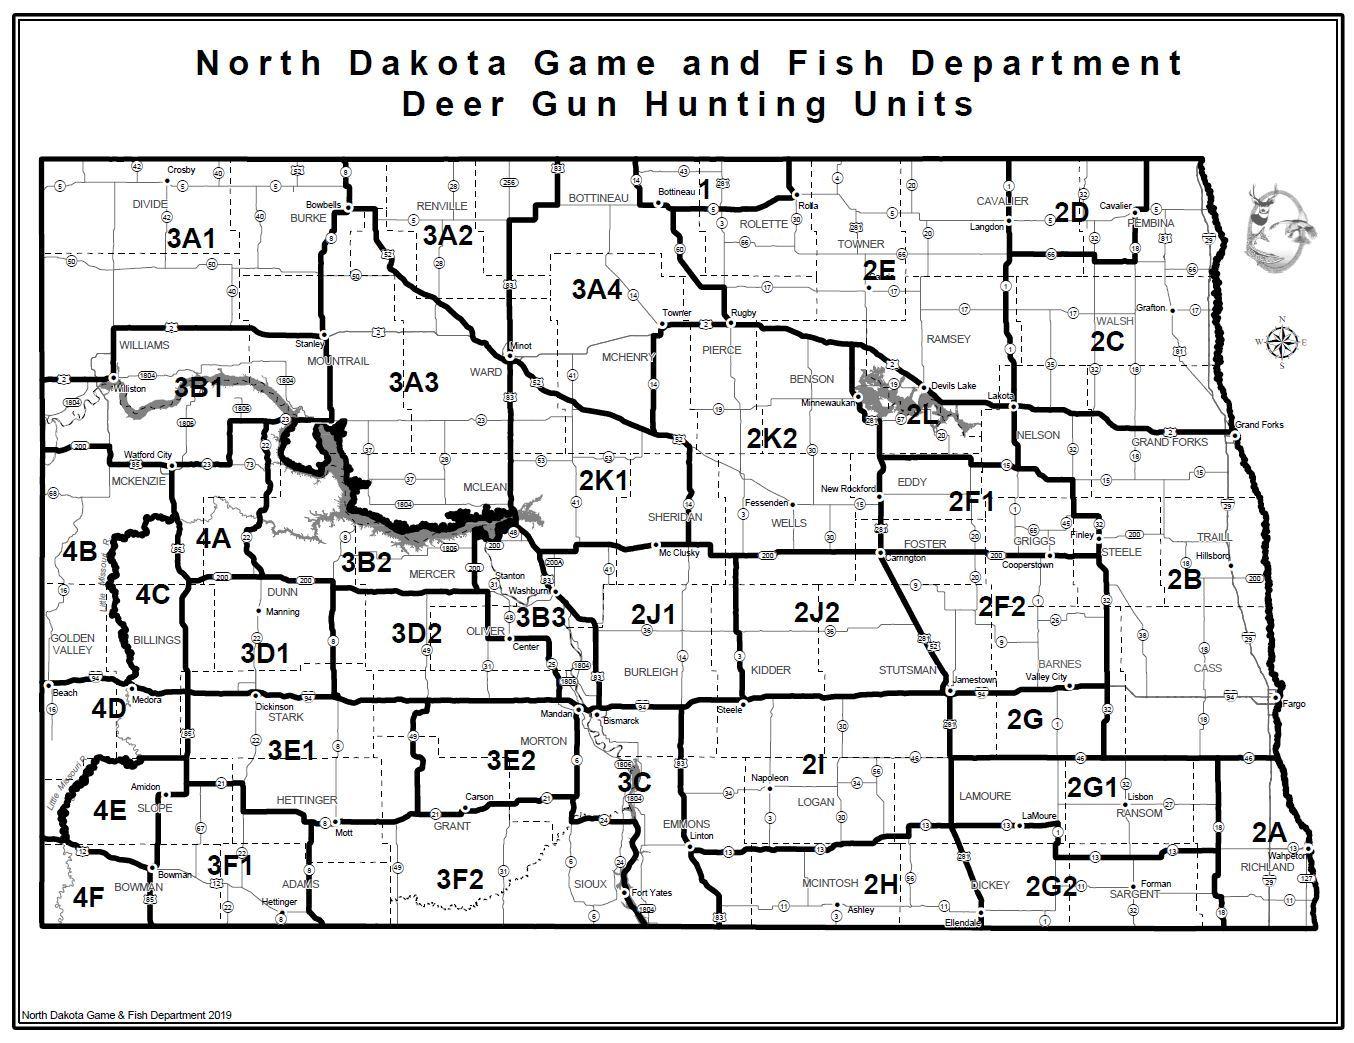 Deer Gun Hunting Units Map